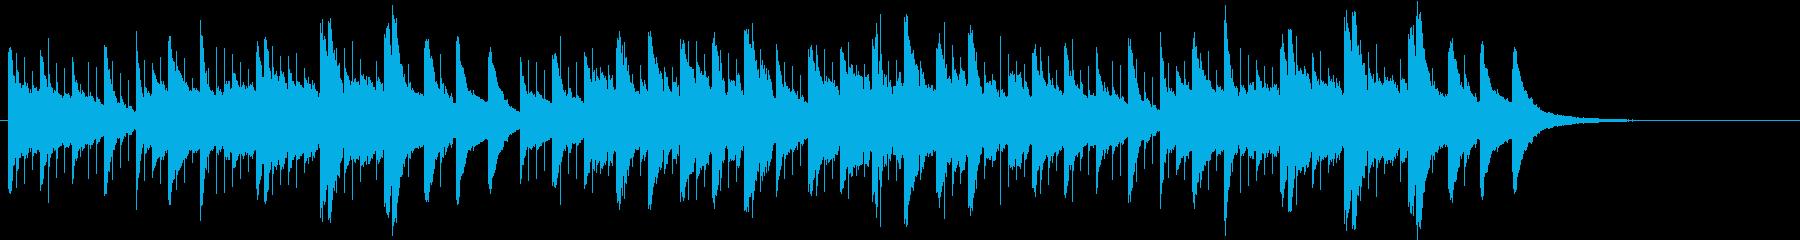 キラキラ星の変奏曲オルゴールの再生済みの波形